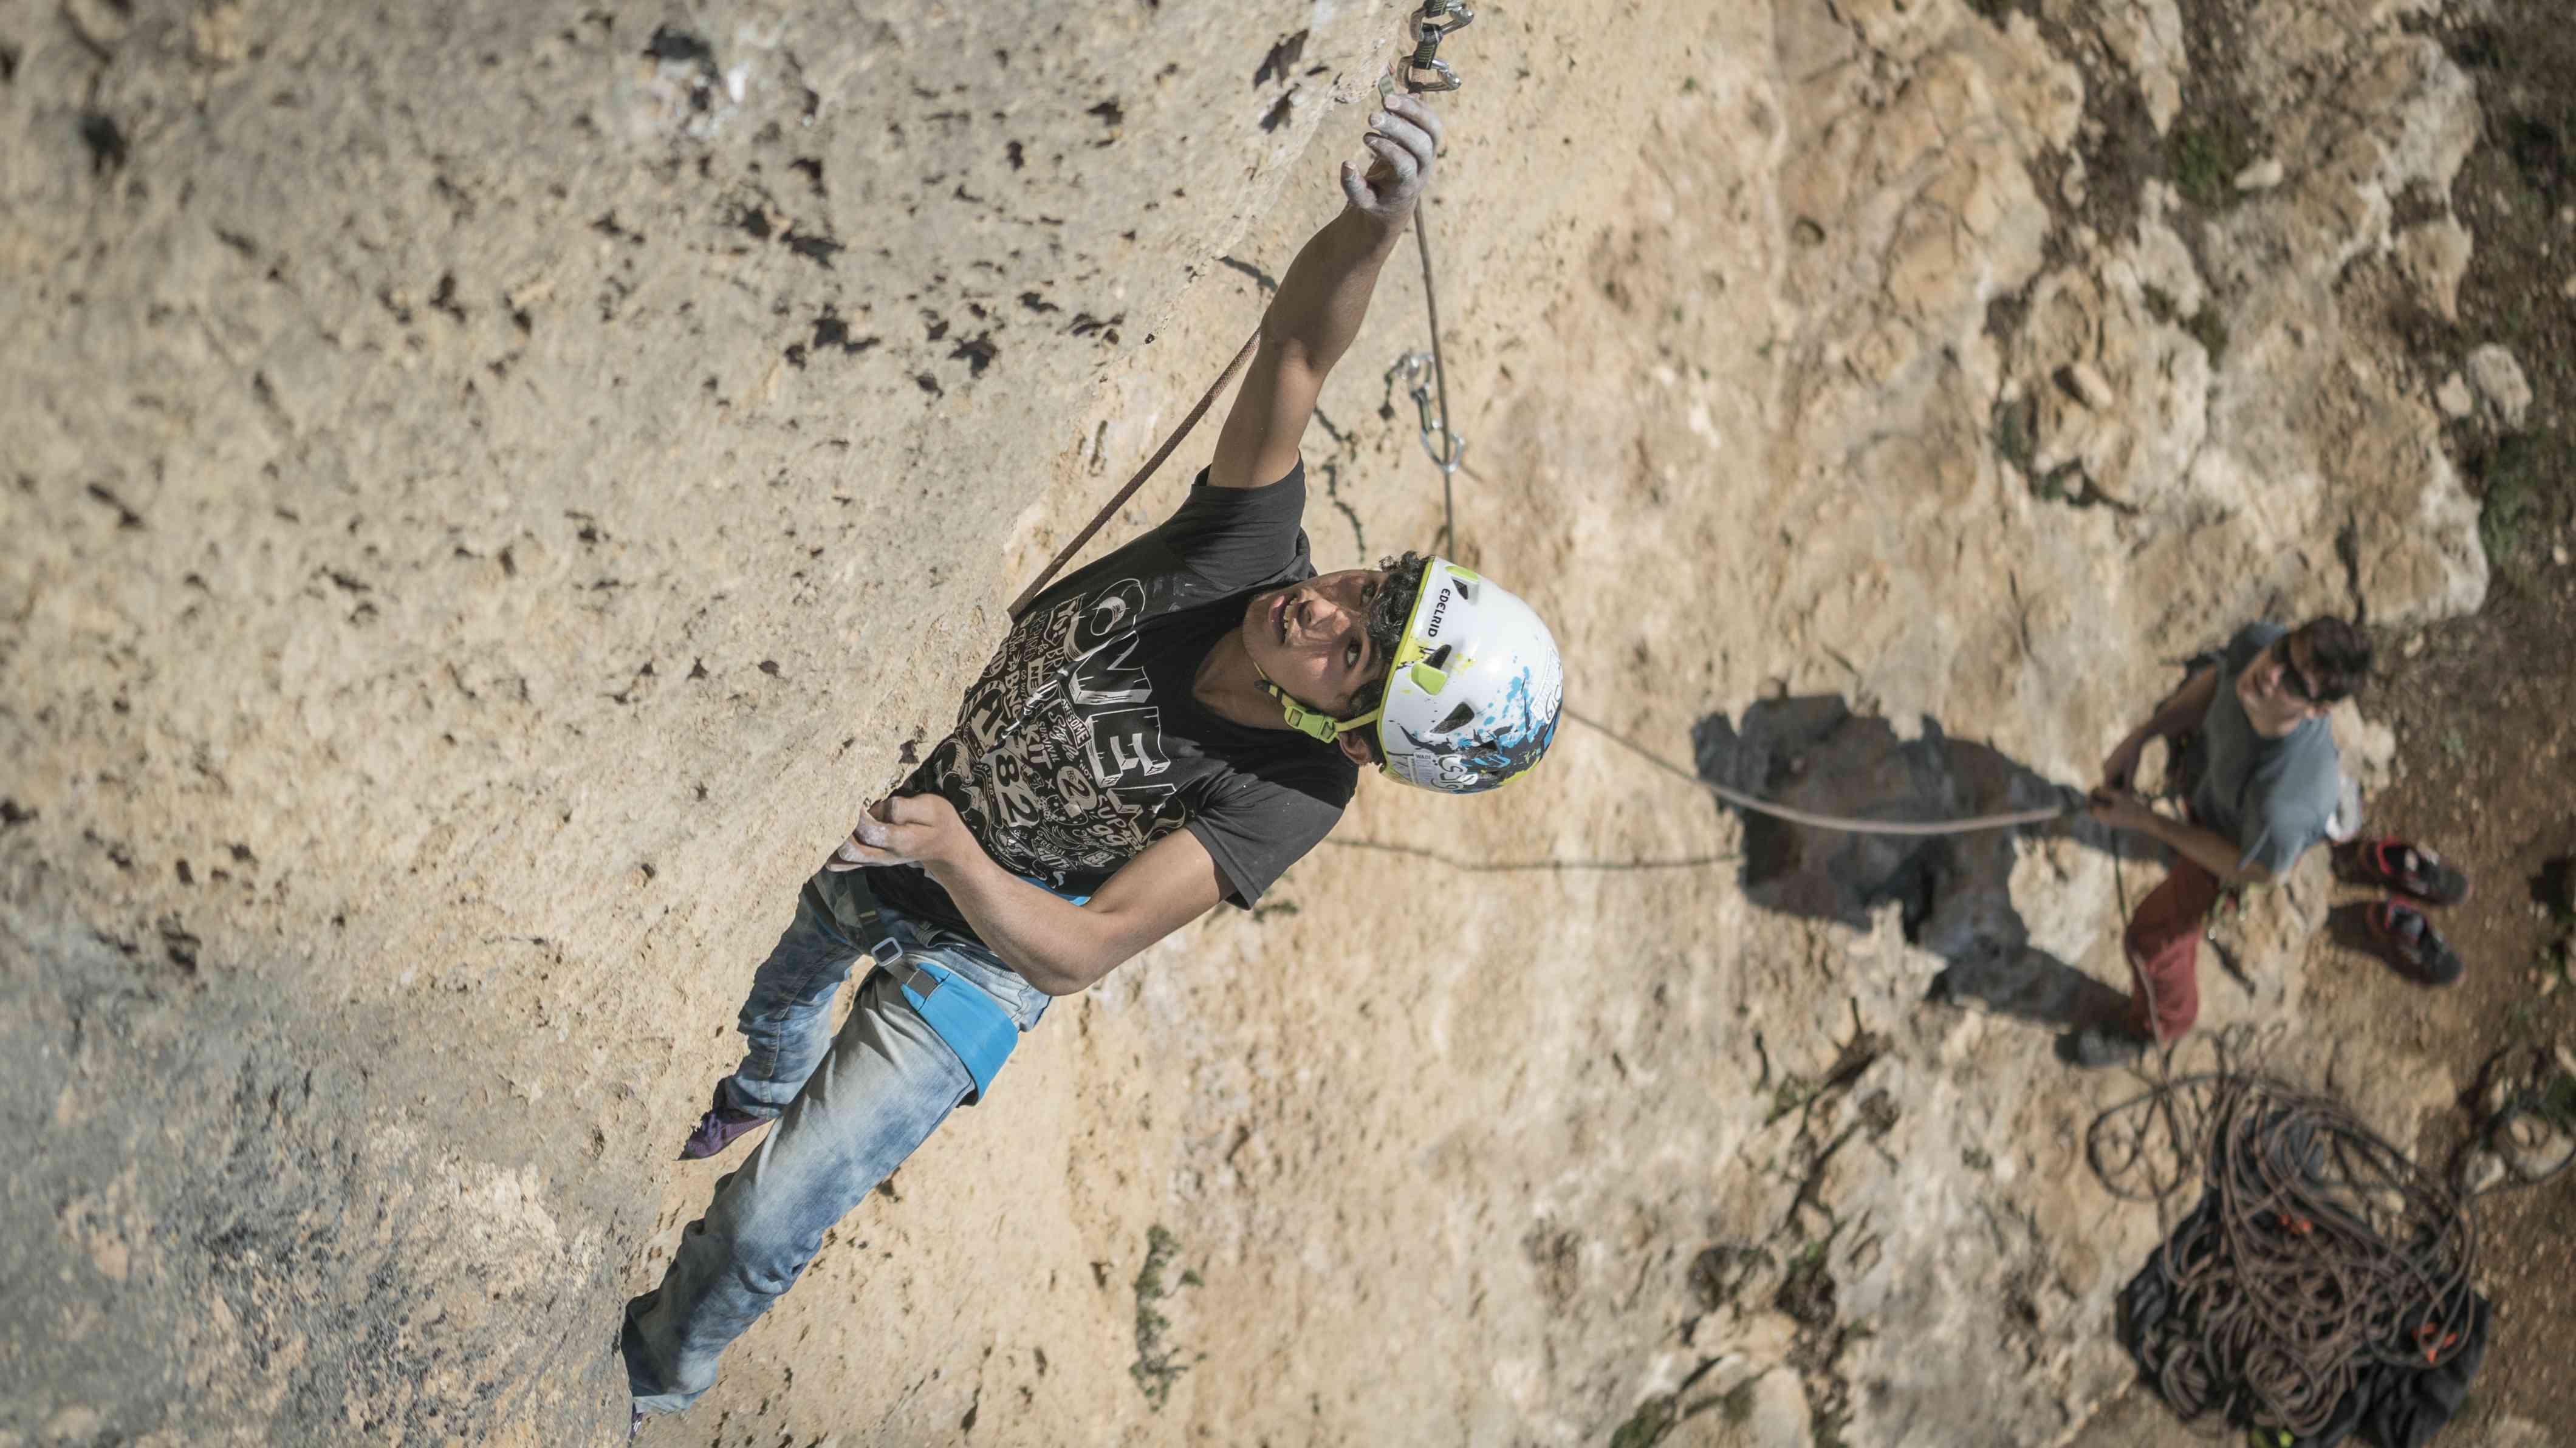 Prendere il quickdraw mentre si arrampica in Cisgiordania